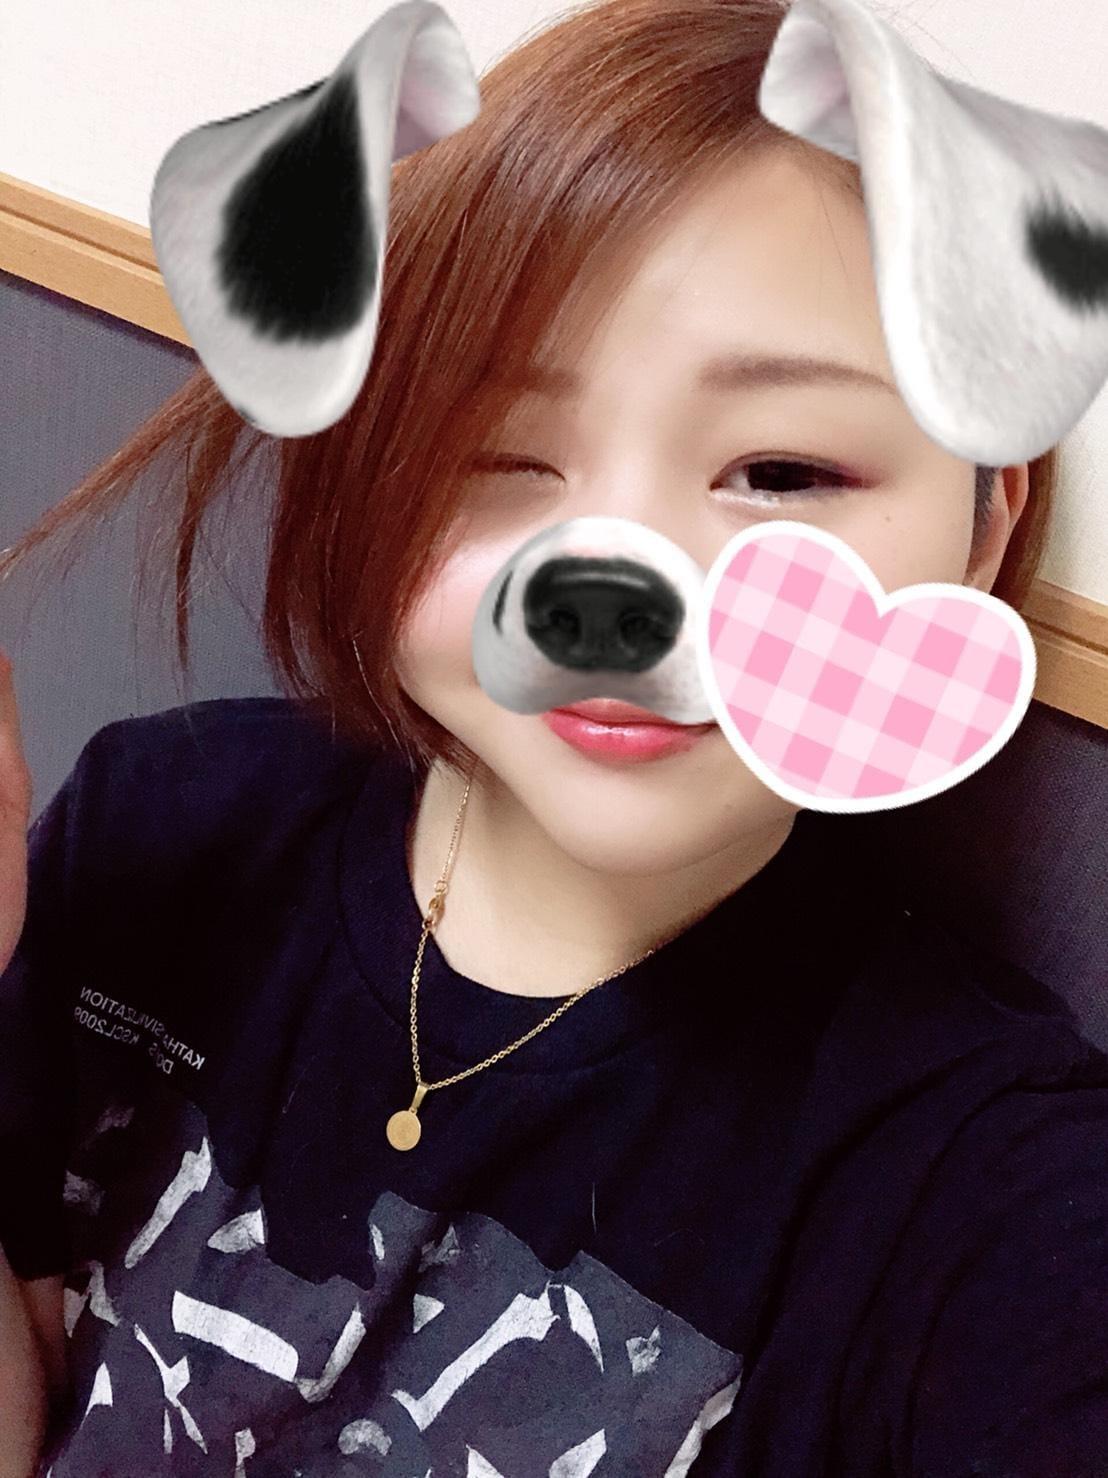 「こんばんわ!」08/14(08/14) 21:11 | ☆鬼塚やよい☆の写メ・風俗動画